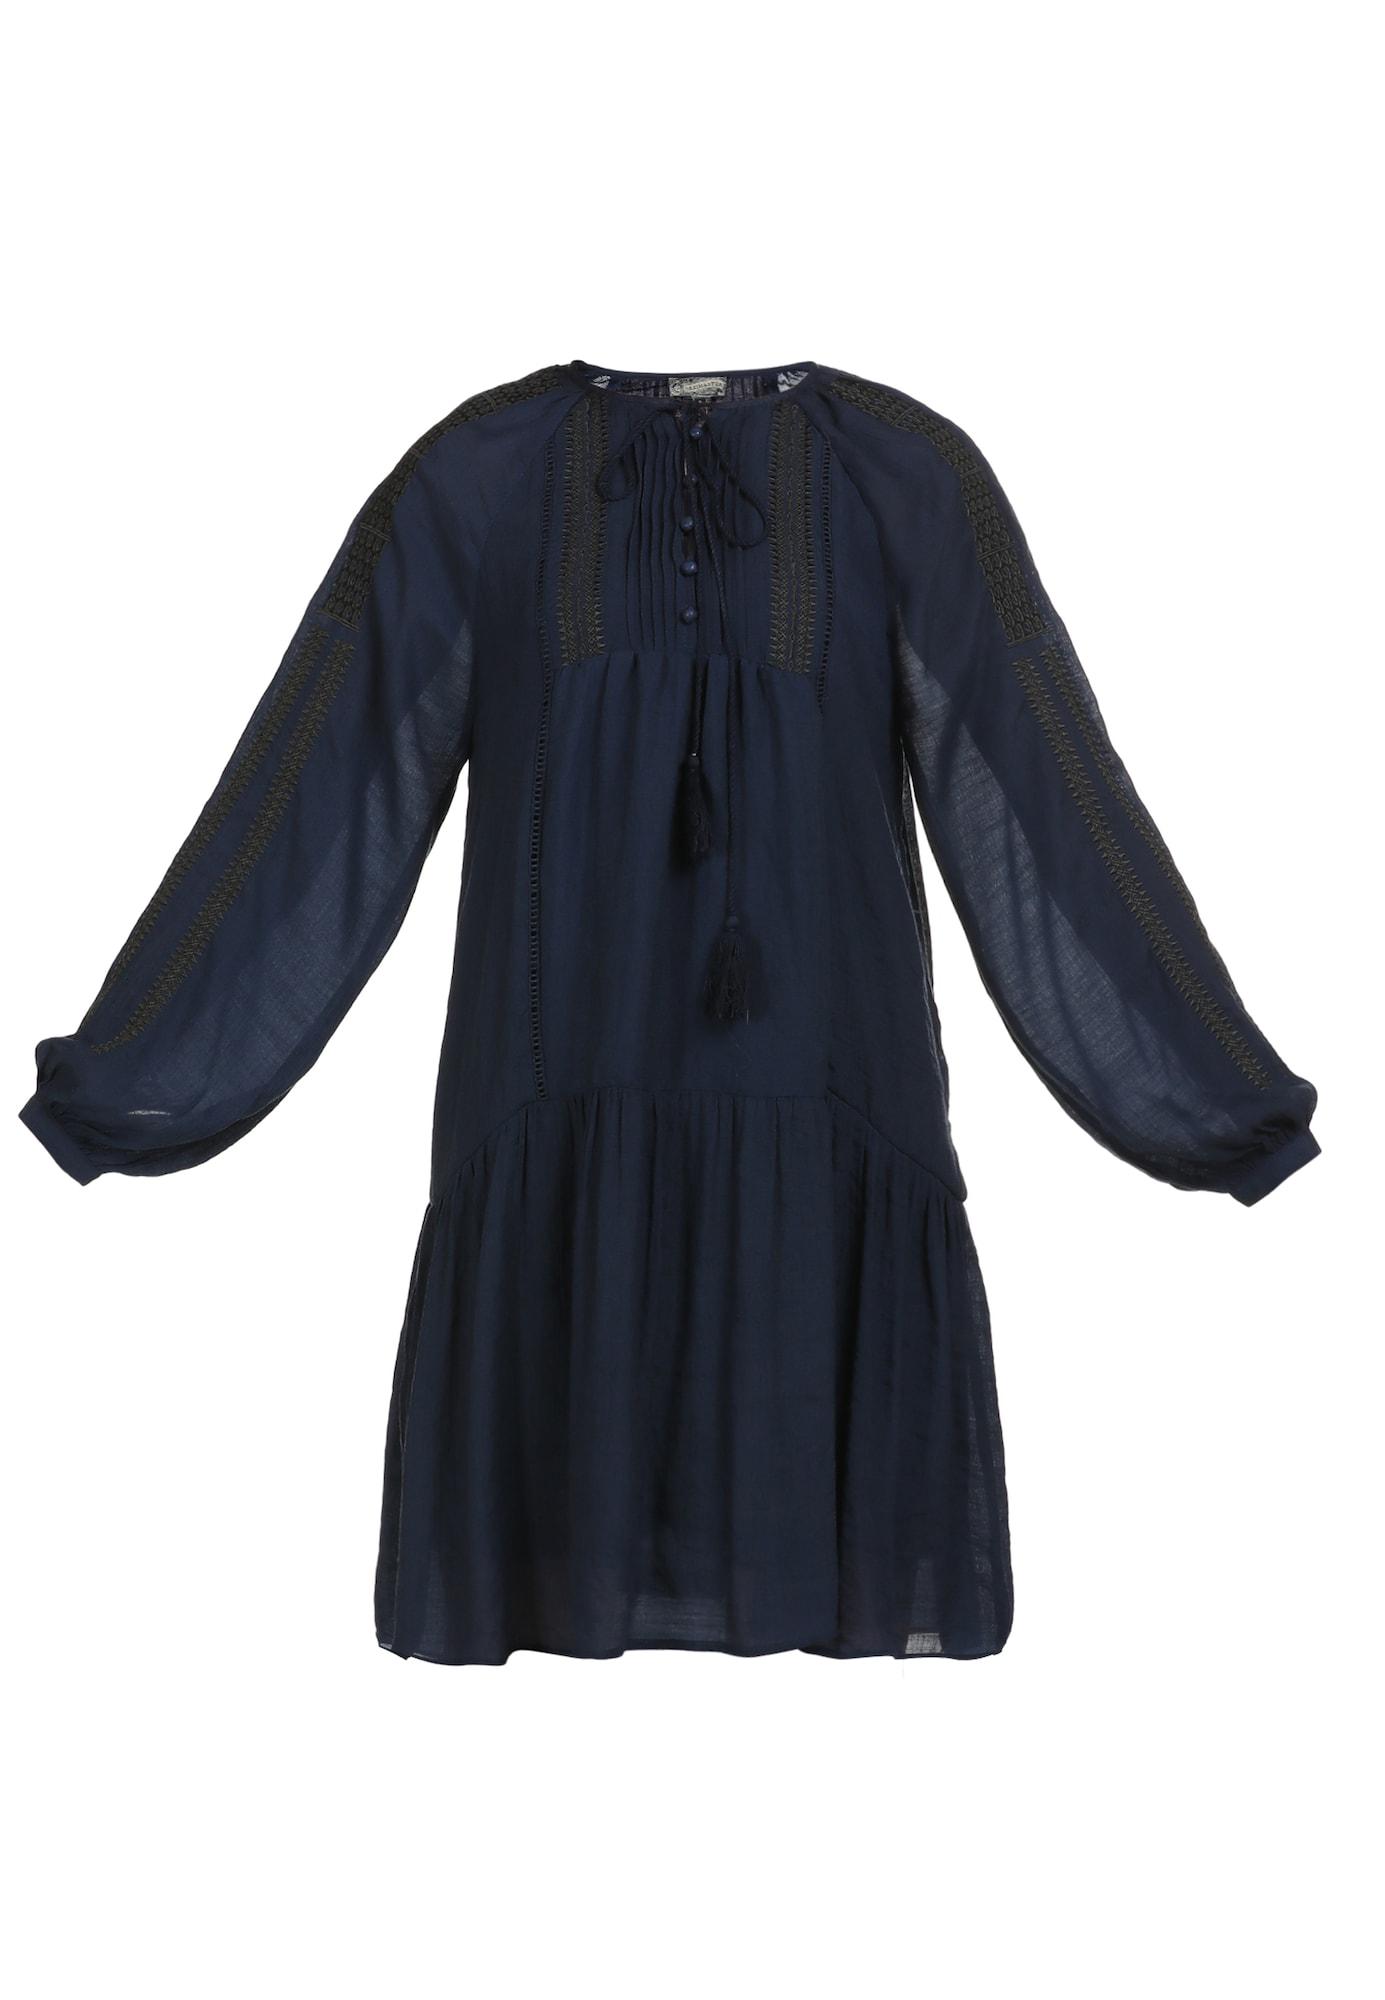 DreiMaster Vintage Palaidinės tipo suknelė tamsiai mėlyna jūros spalva